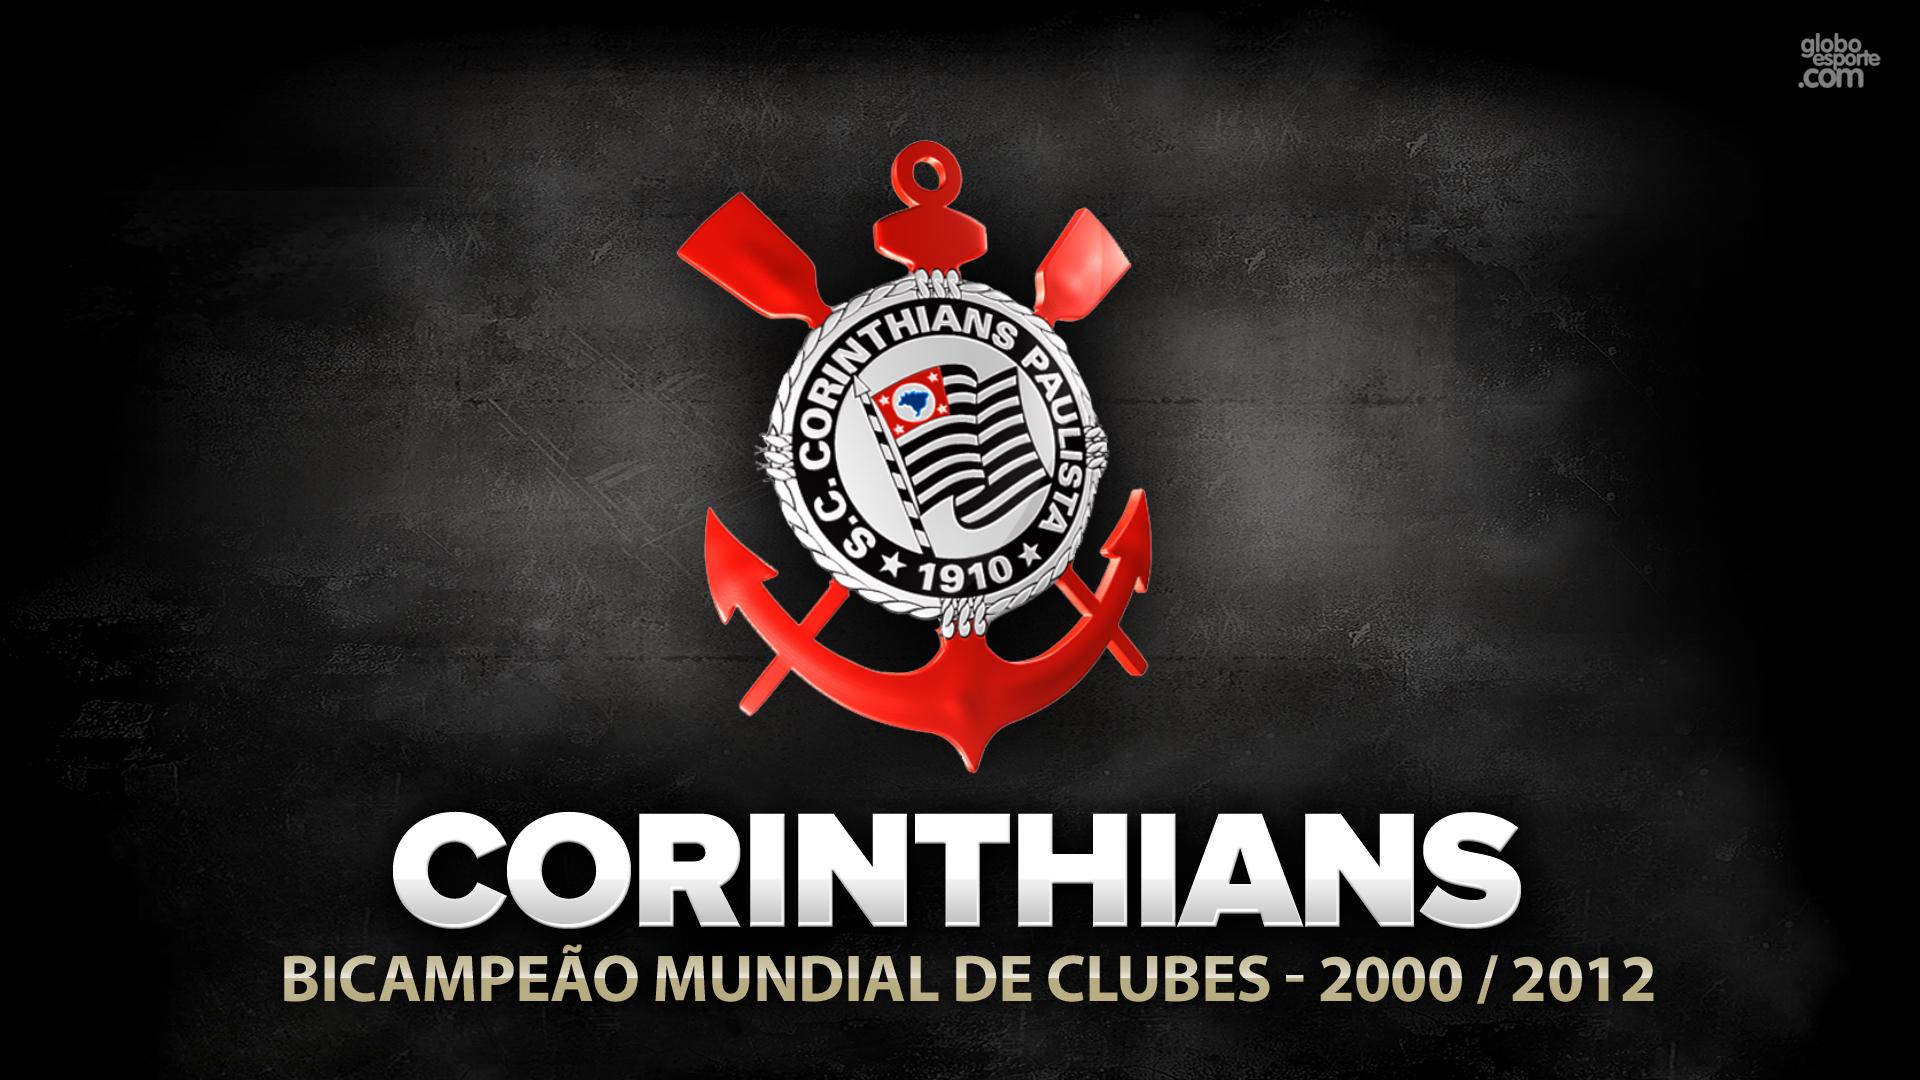 Wallpapers: Corinthians Campeão Mundial de Clubes 2012 (3)